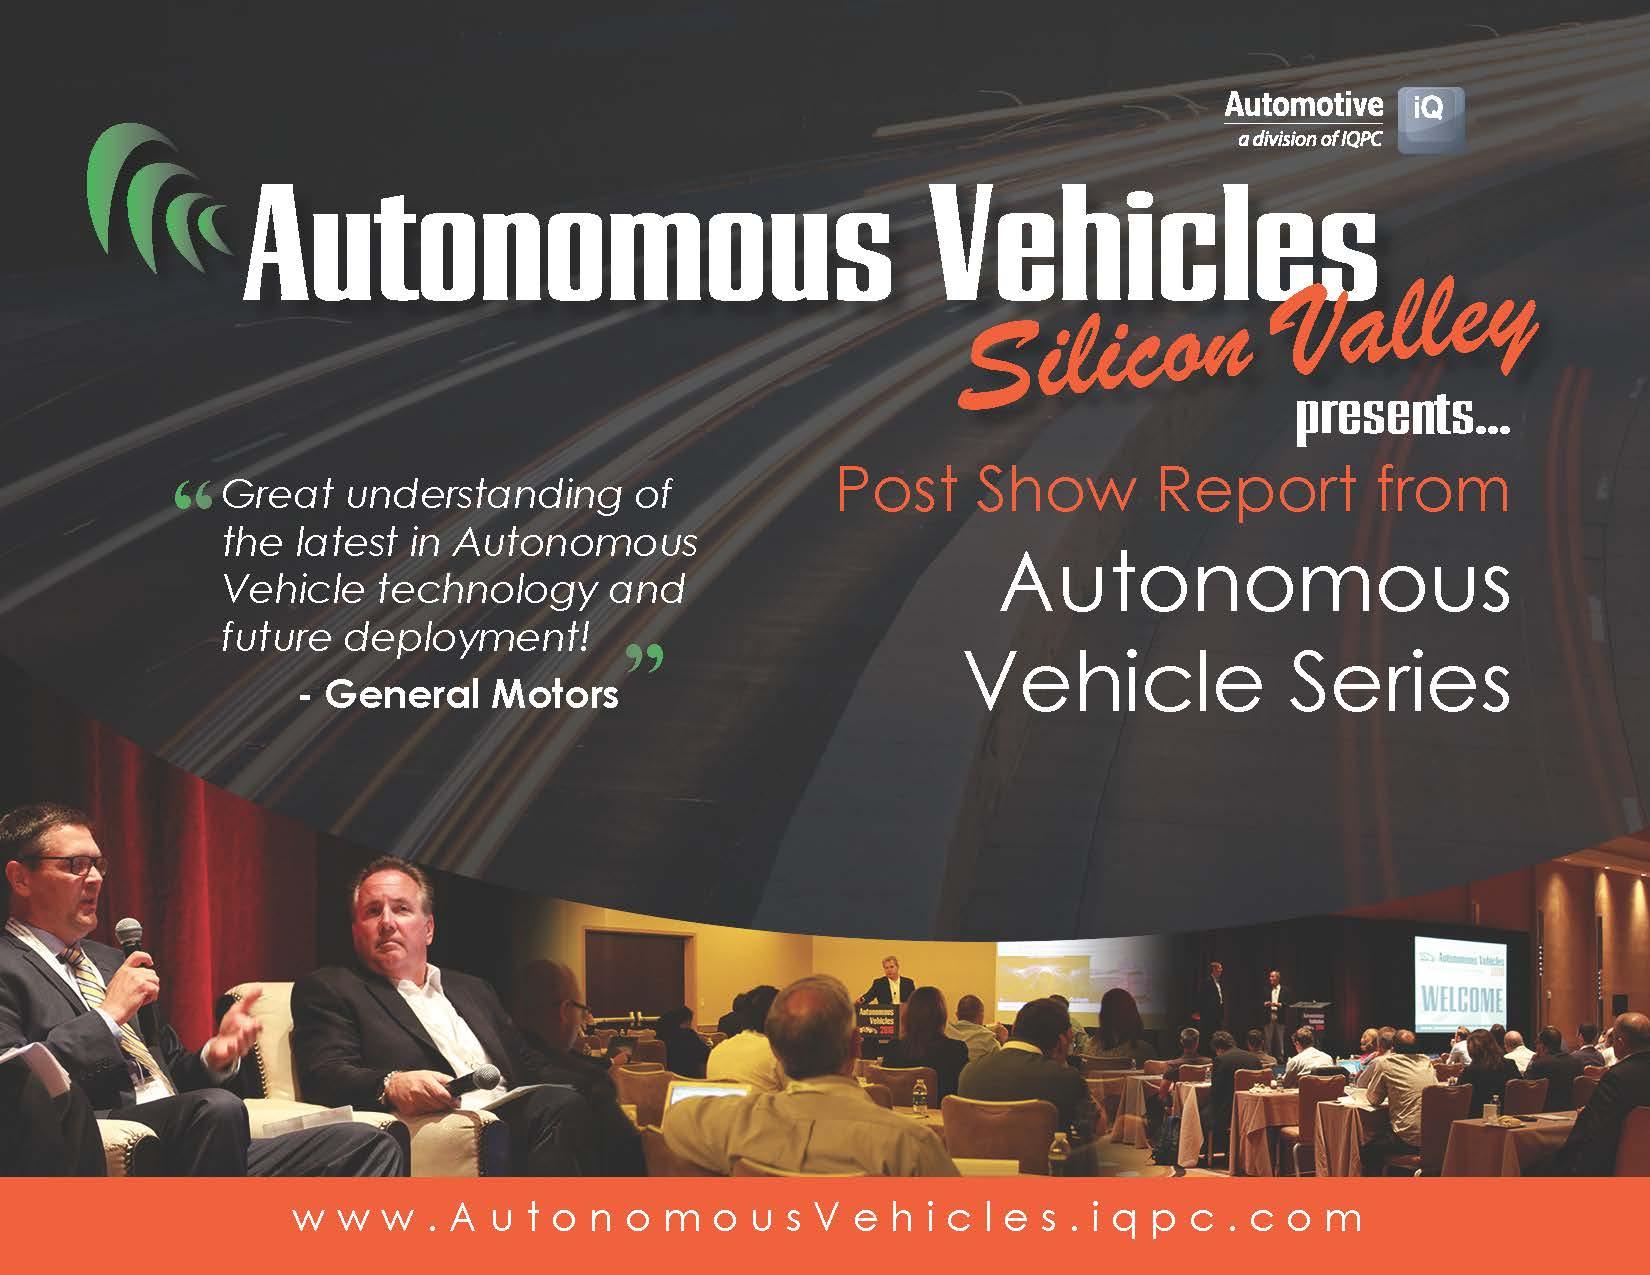 Post Show Report: The Autonomous Vehicles Series